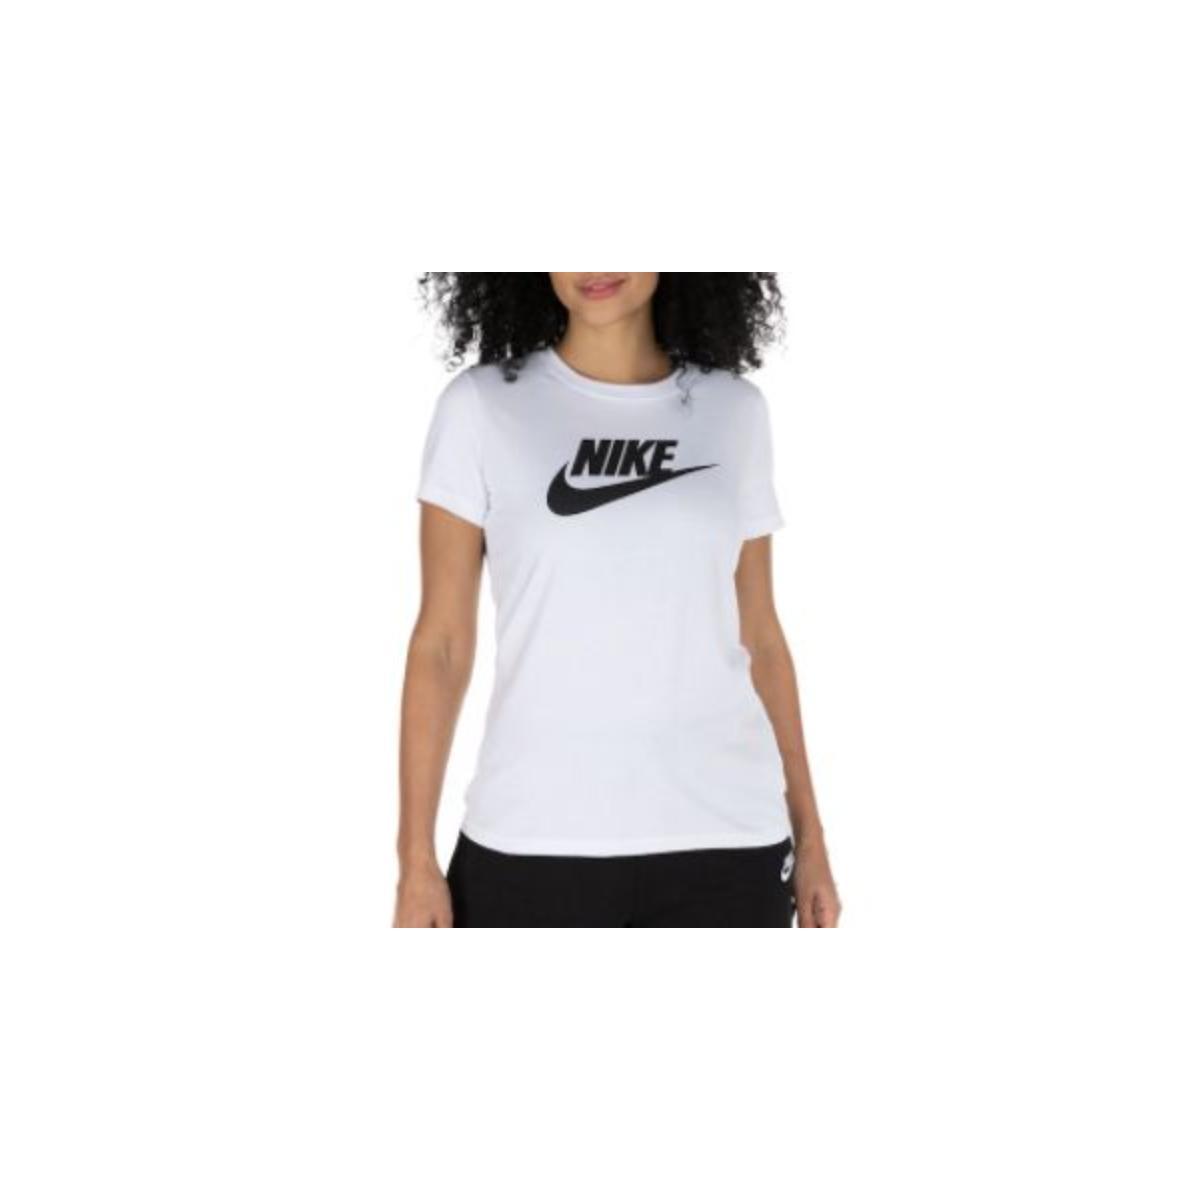 T-shirt Feminino Nike Bv6169-100 Sporwear Essential Branco/preto